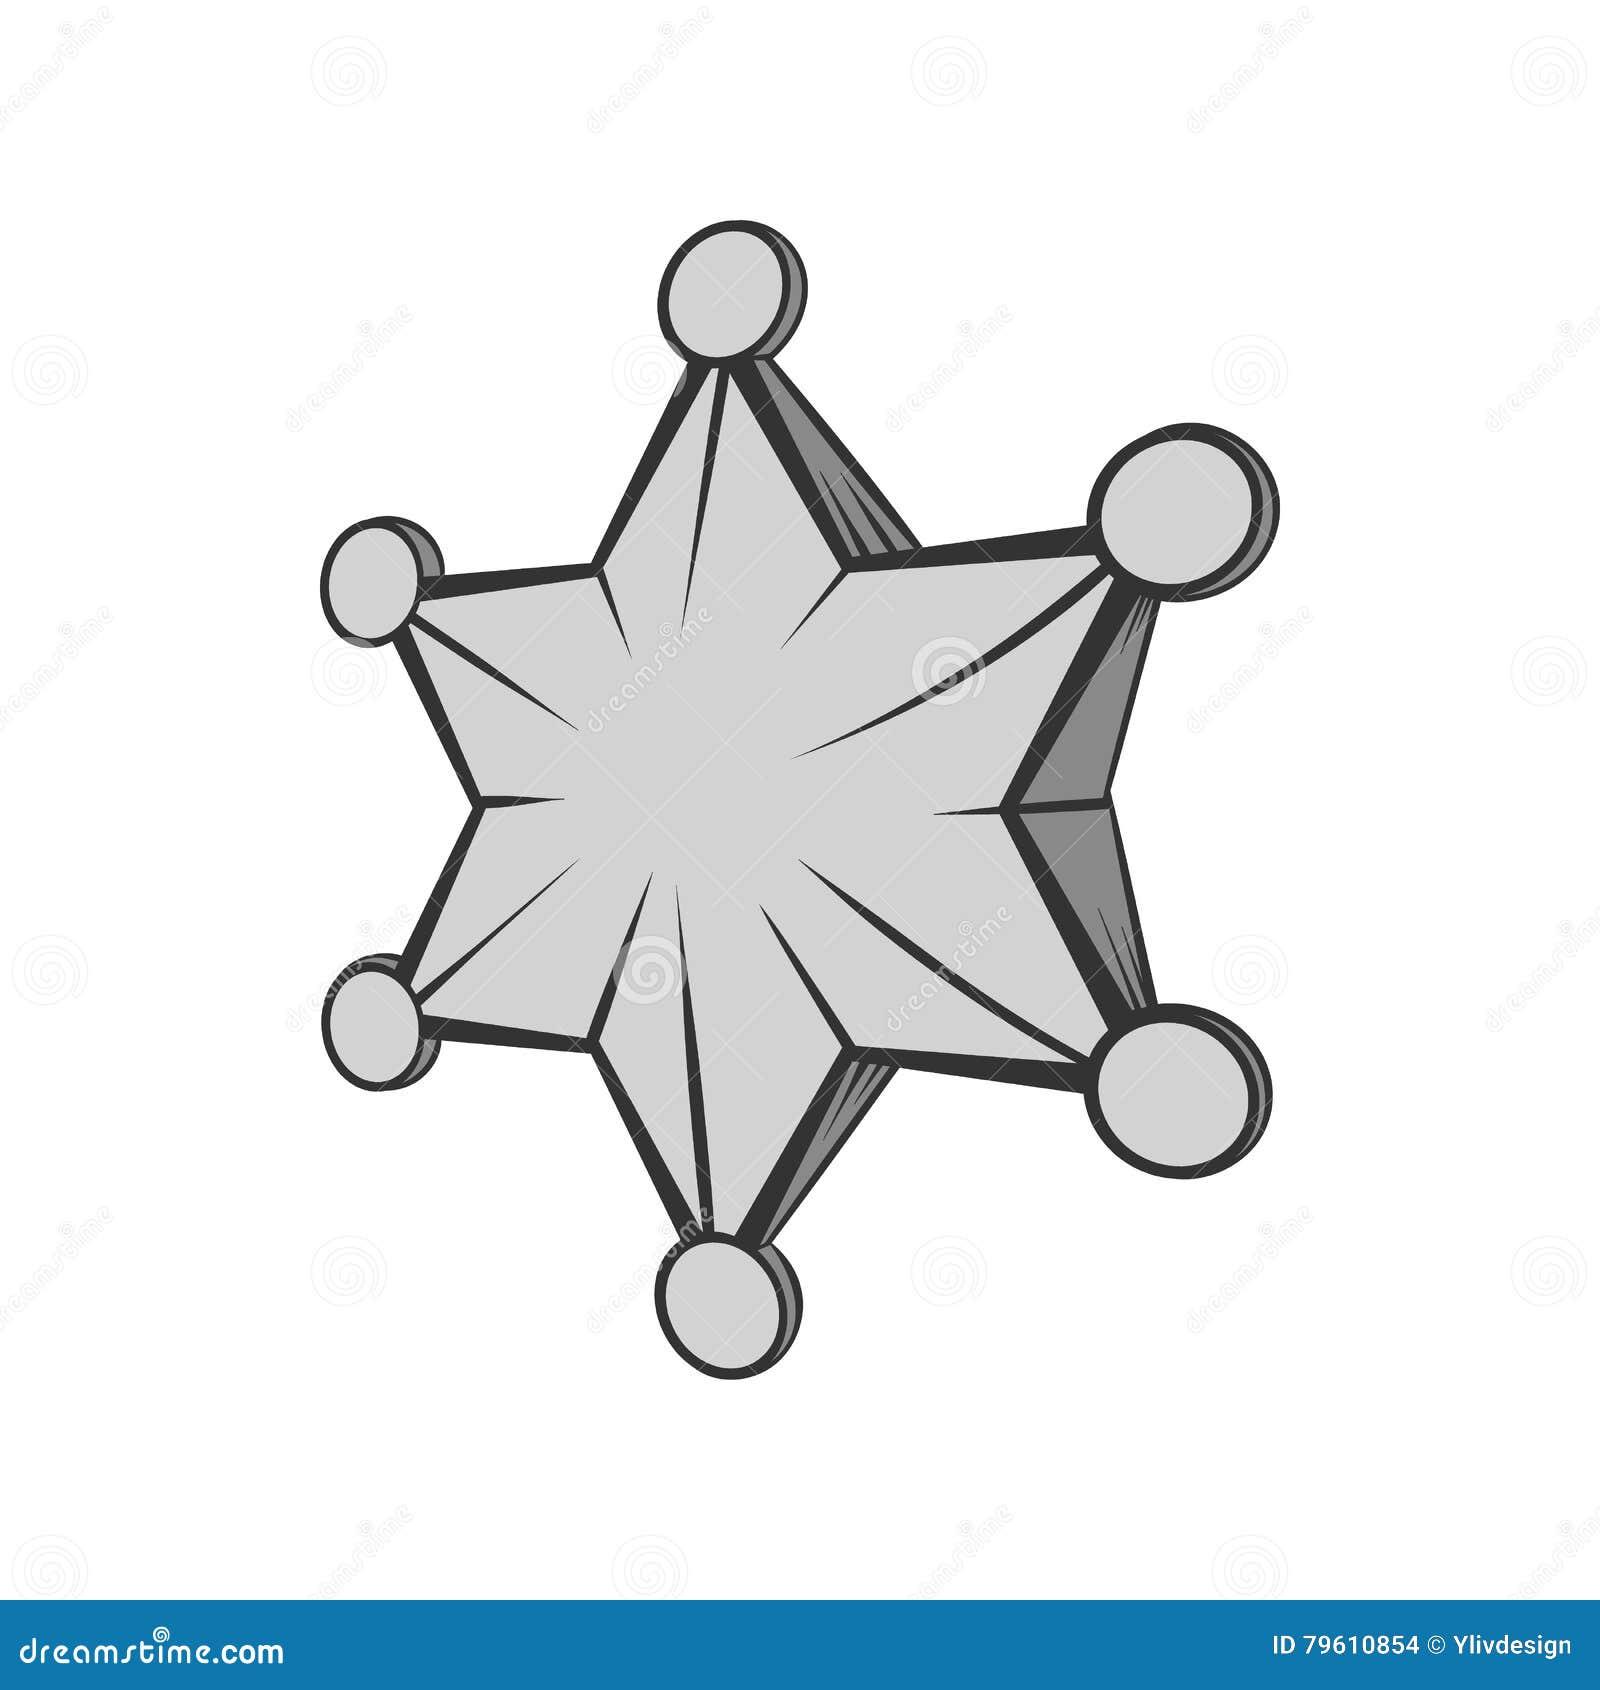 Seis ícones aguçado da estrela, estilo monocromático preto